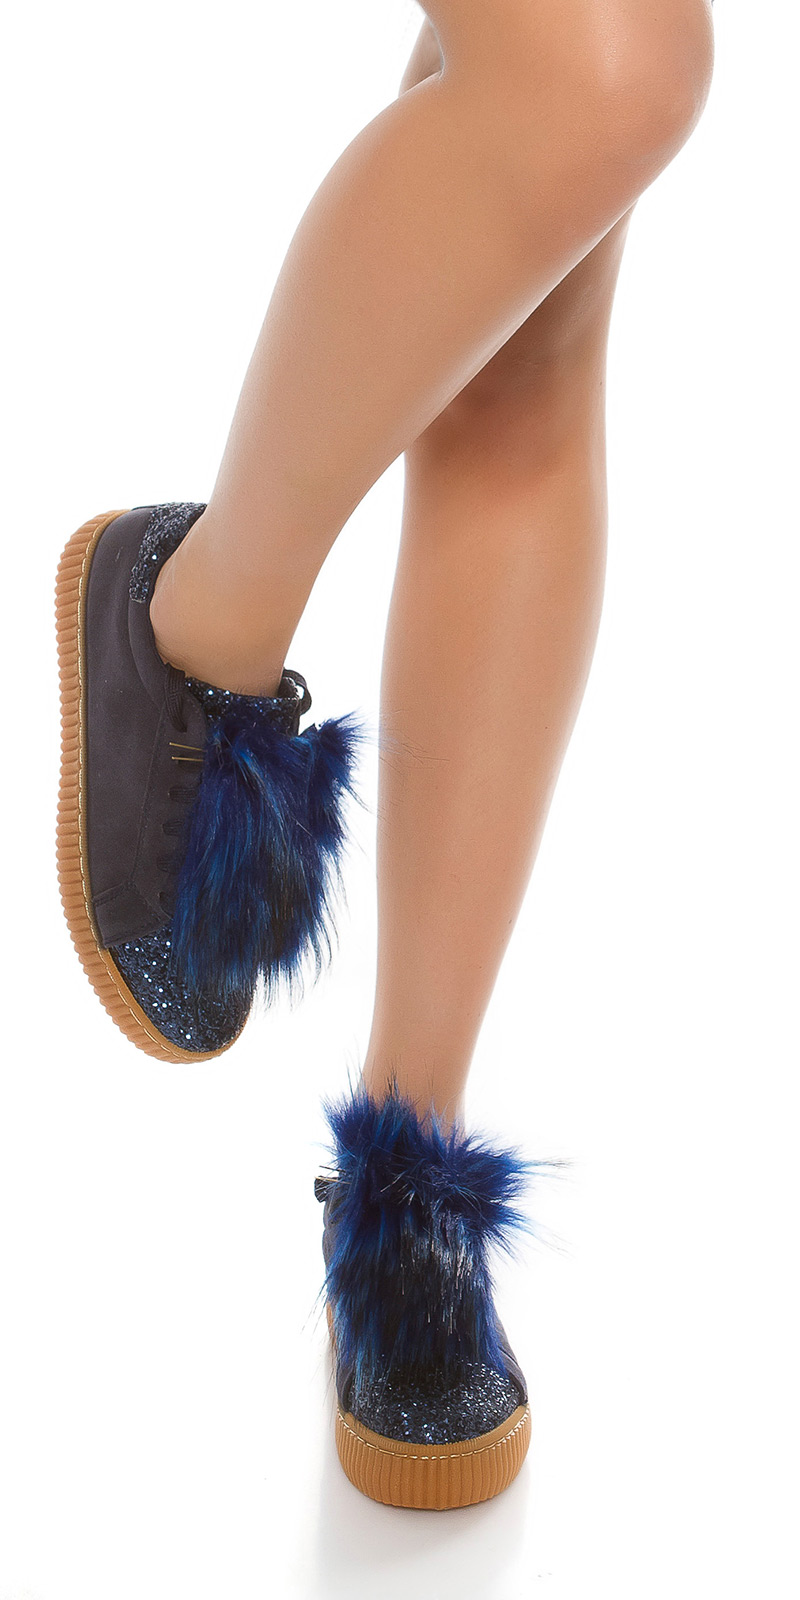 Adidasi cu platforma la moda cu sclipici si blana artificiala